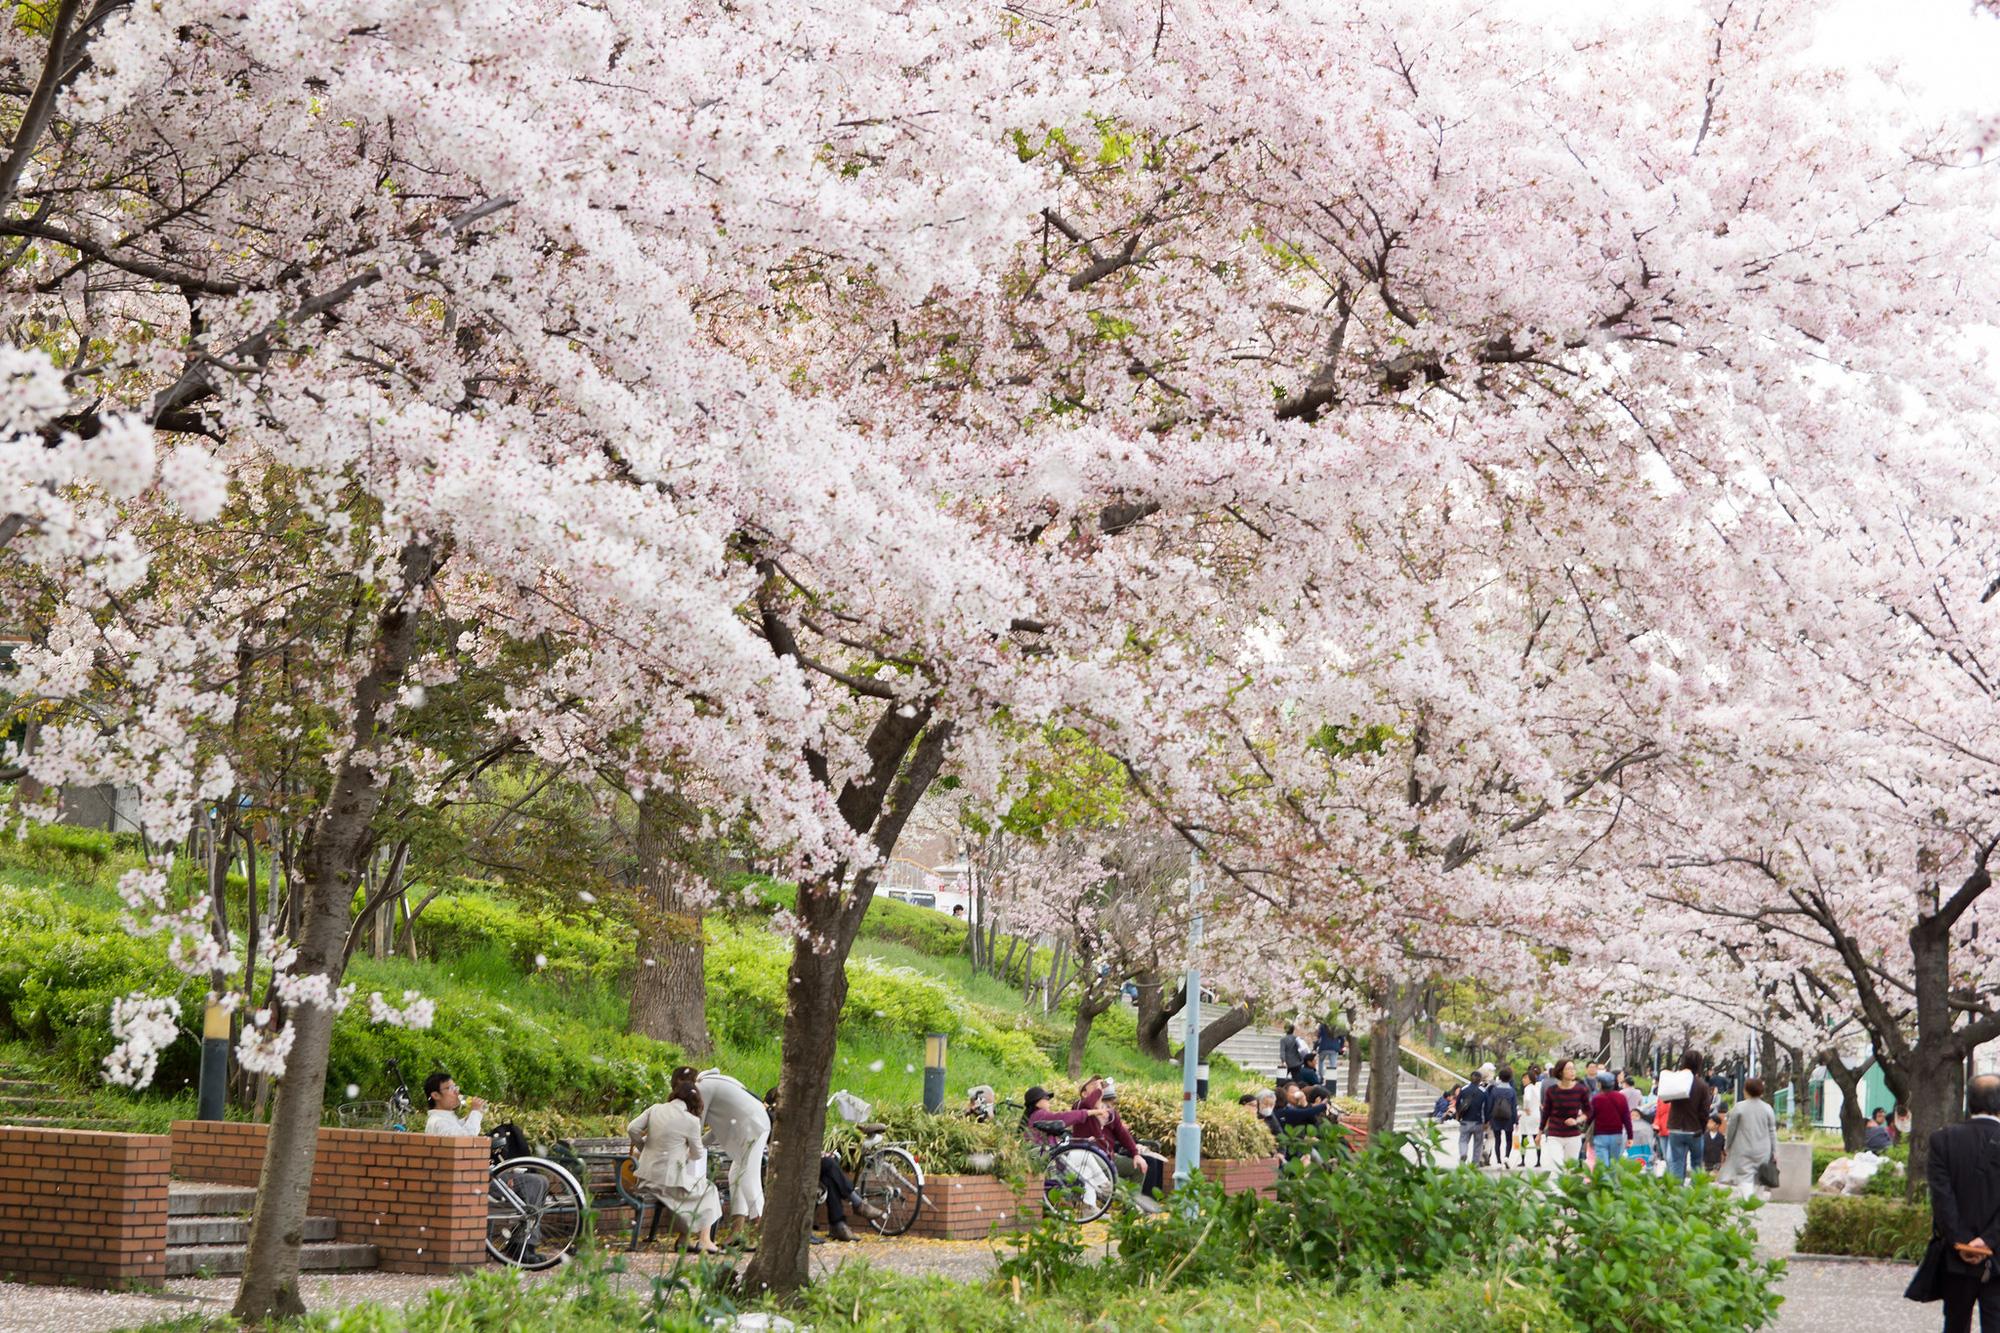 Những địa điểm đẹp để ngắm hoa anh đào tại châu Á 2020 - Ảnh 2.